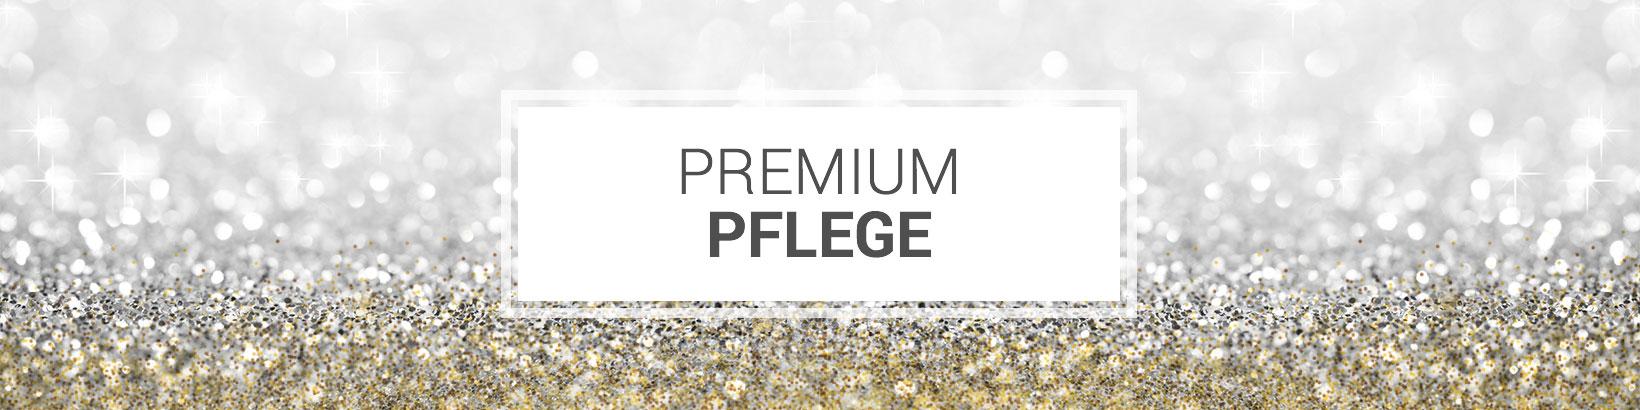 premium-pflege-header